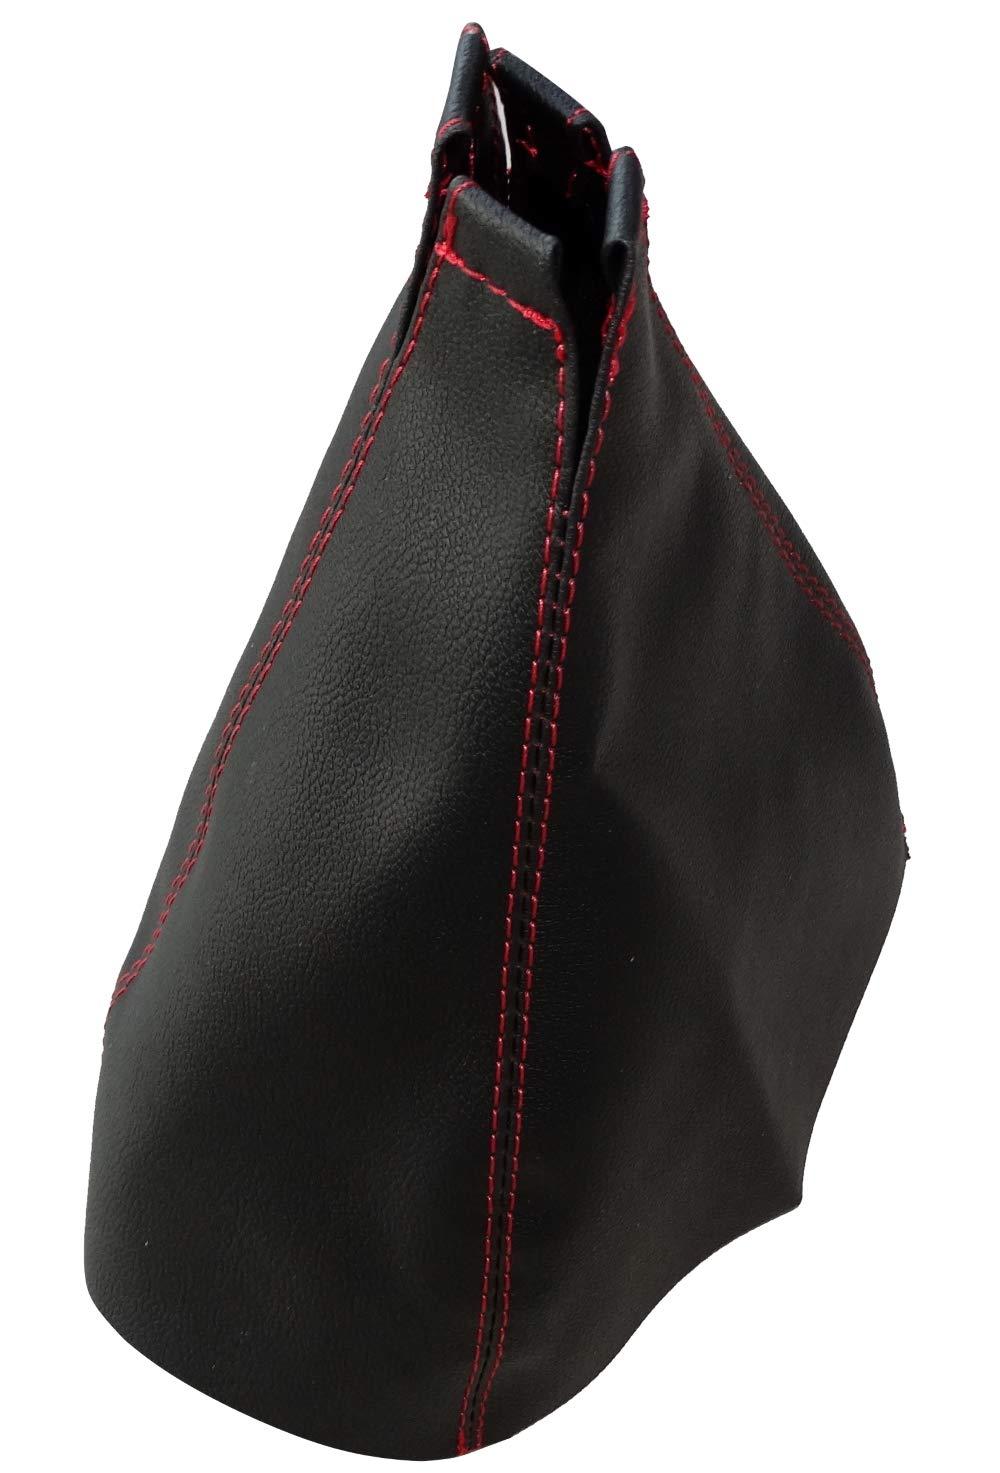 marco de pl/ástico con costuras blancas Funda para palanca de cambios de piel negra